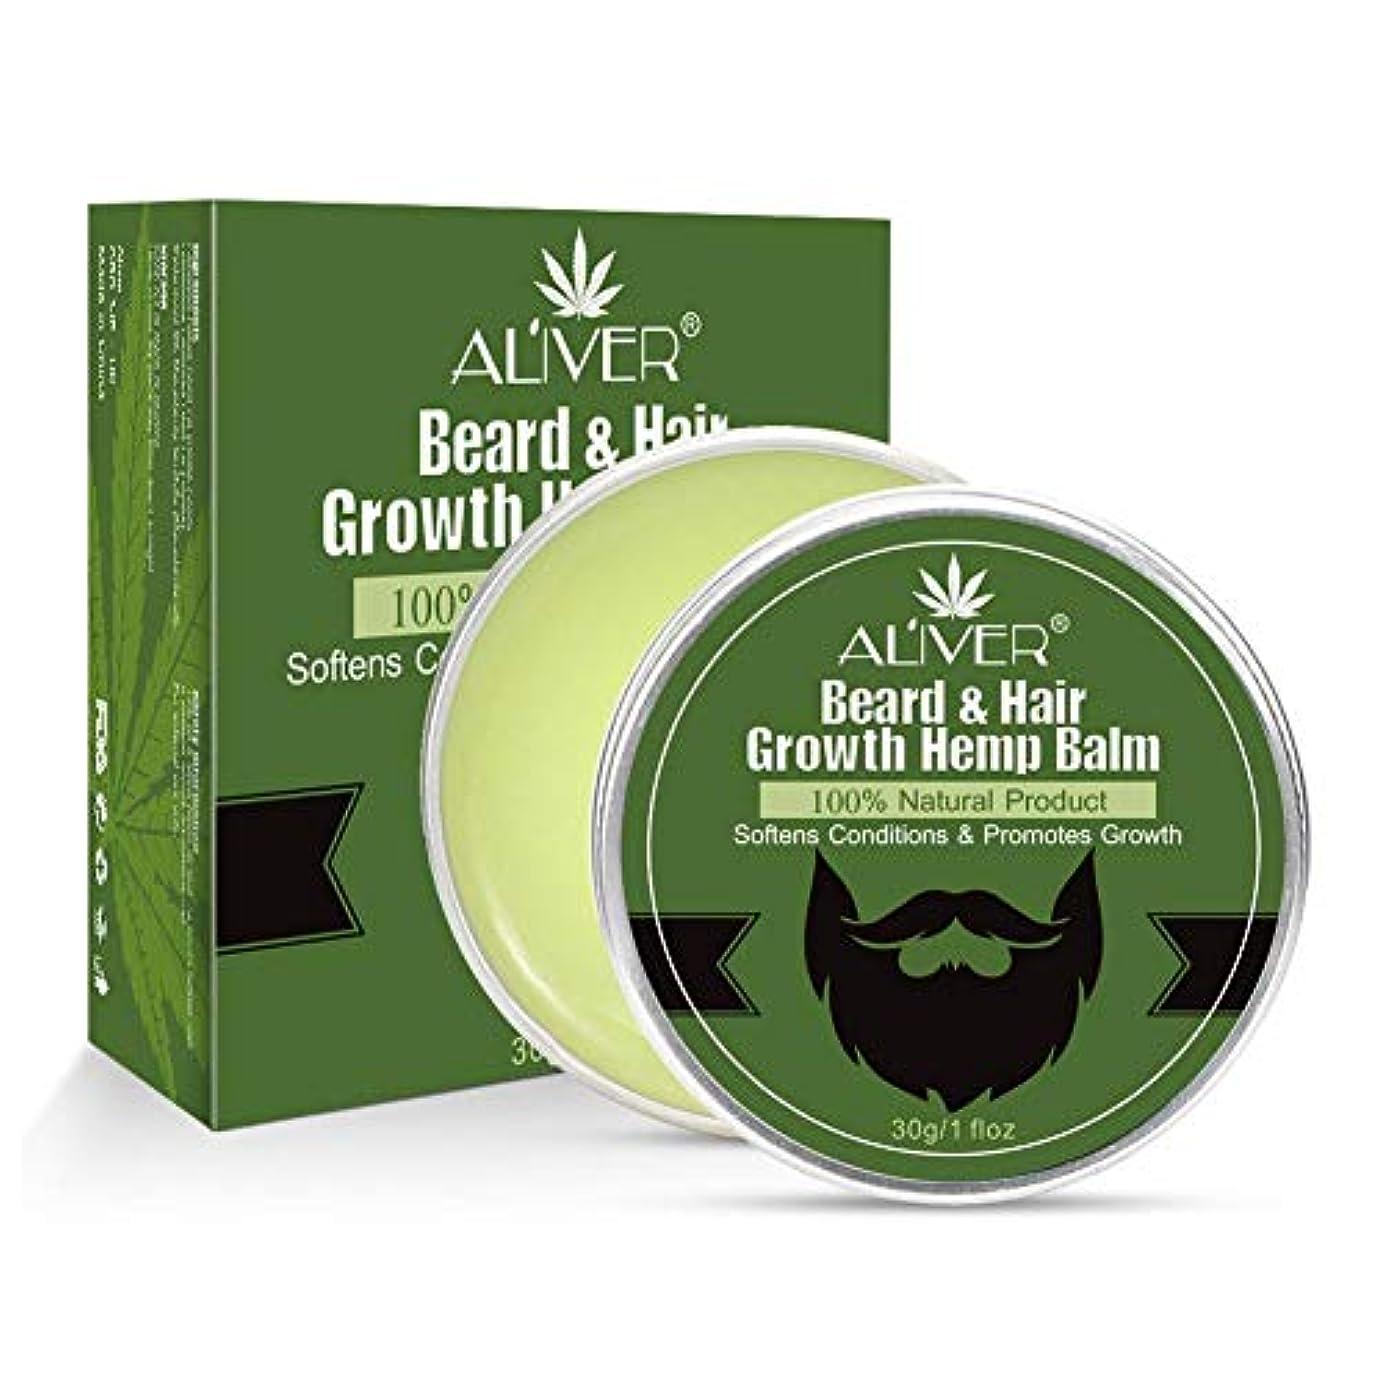 ポーターアクセスシャンプーBETTER YOU (ベター ュー) ひげのソフトワックス、男性の髪の柔軟剤、髪に栄養を与える、ひげ、刺激なし